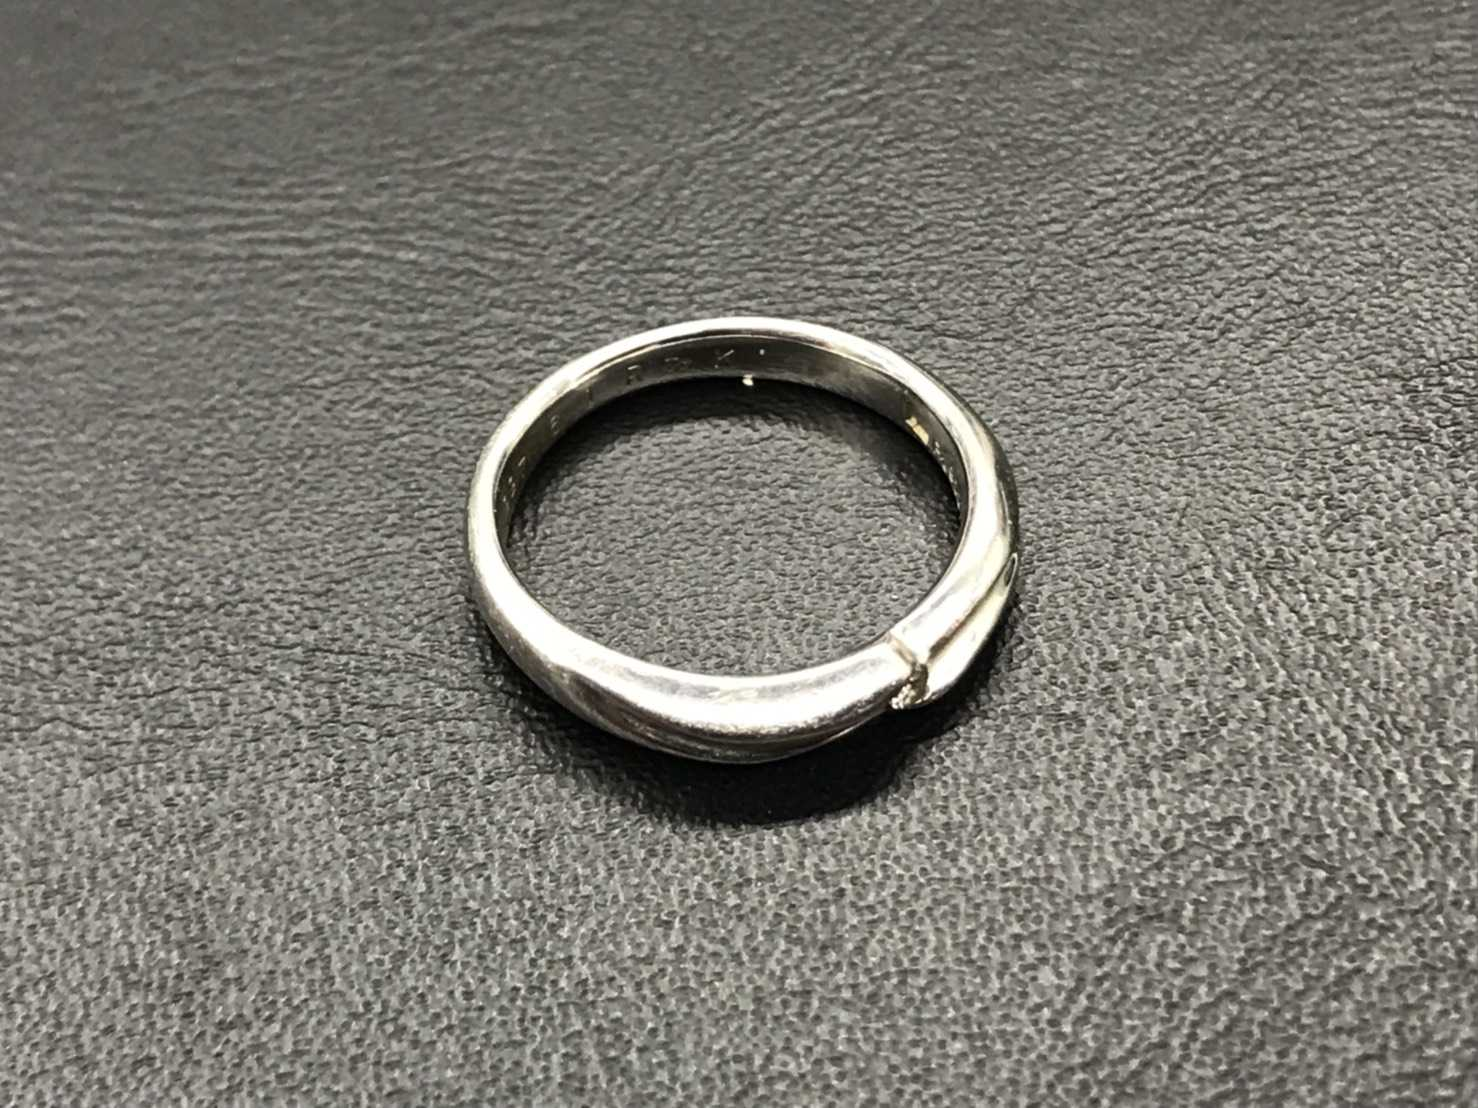 プラチナ買取 小さな指輪もOK